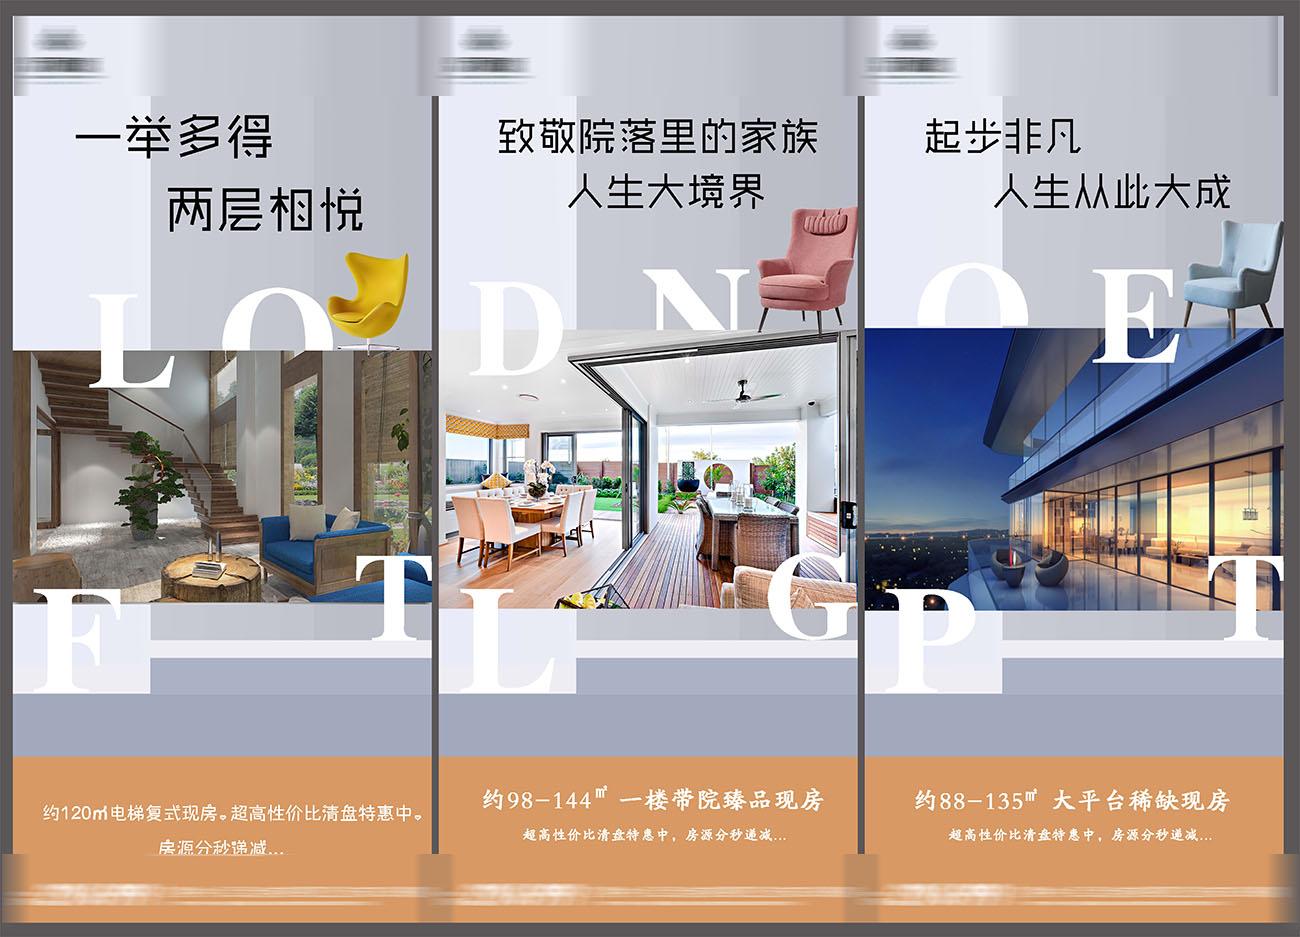 房地产小清新复式楼住宅价值点海报PSD源文件插图